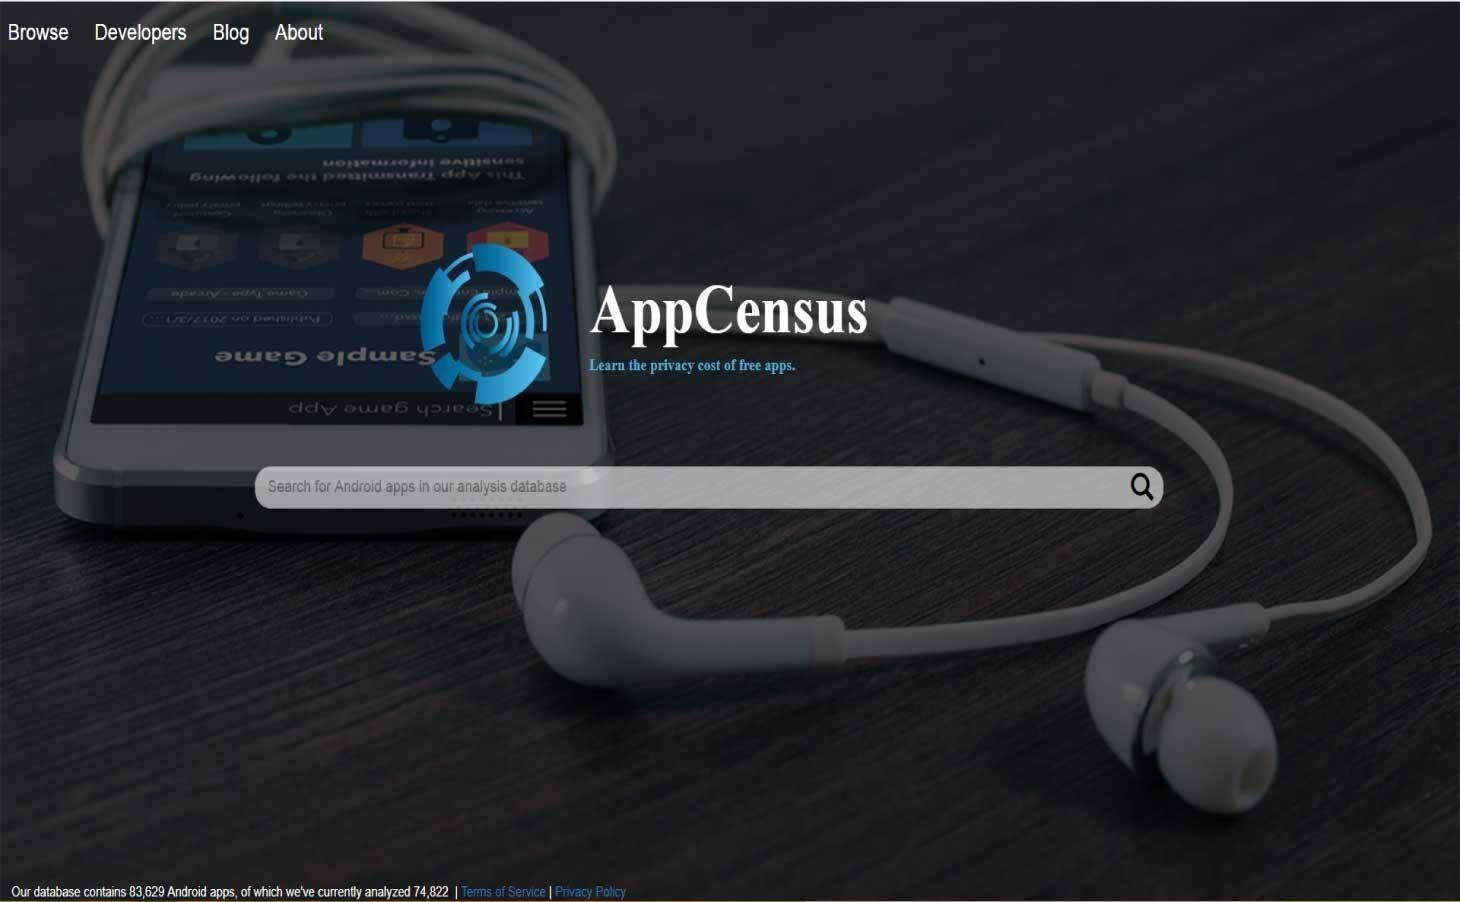 AppCensus